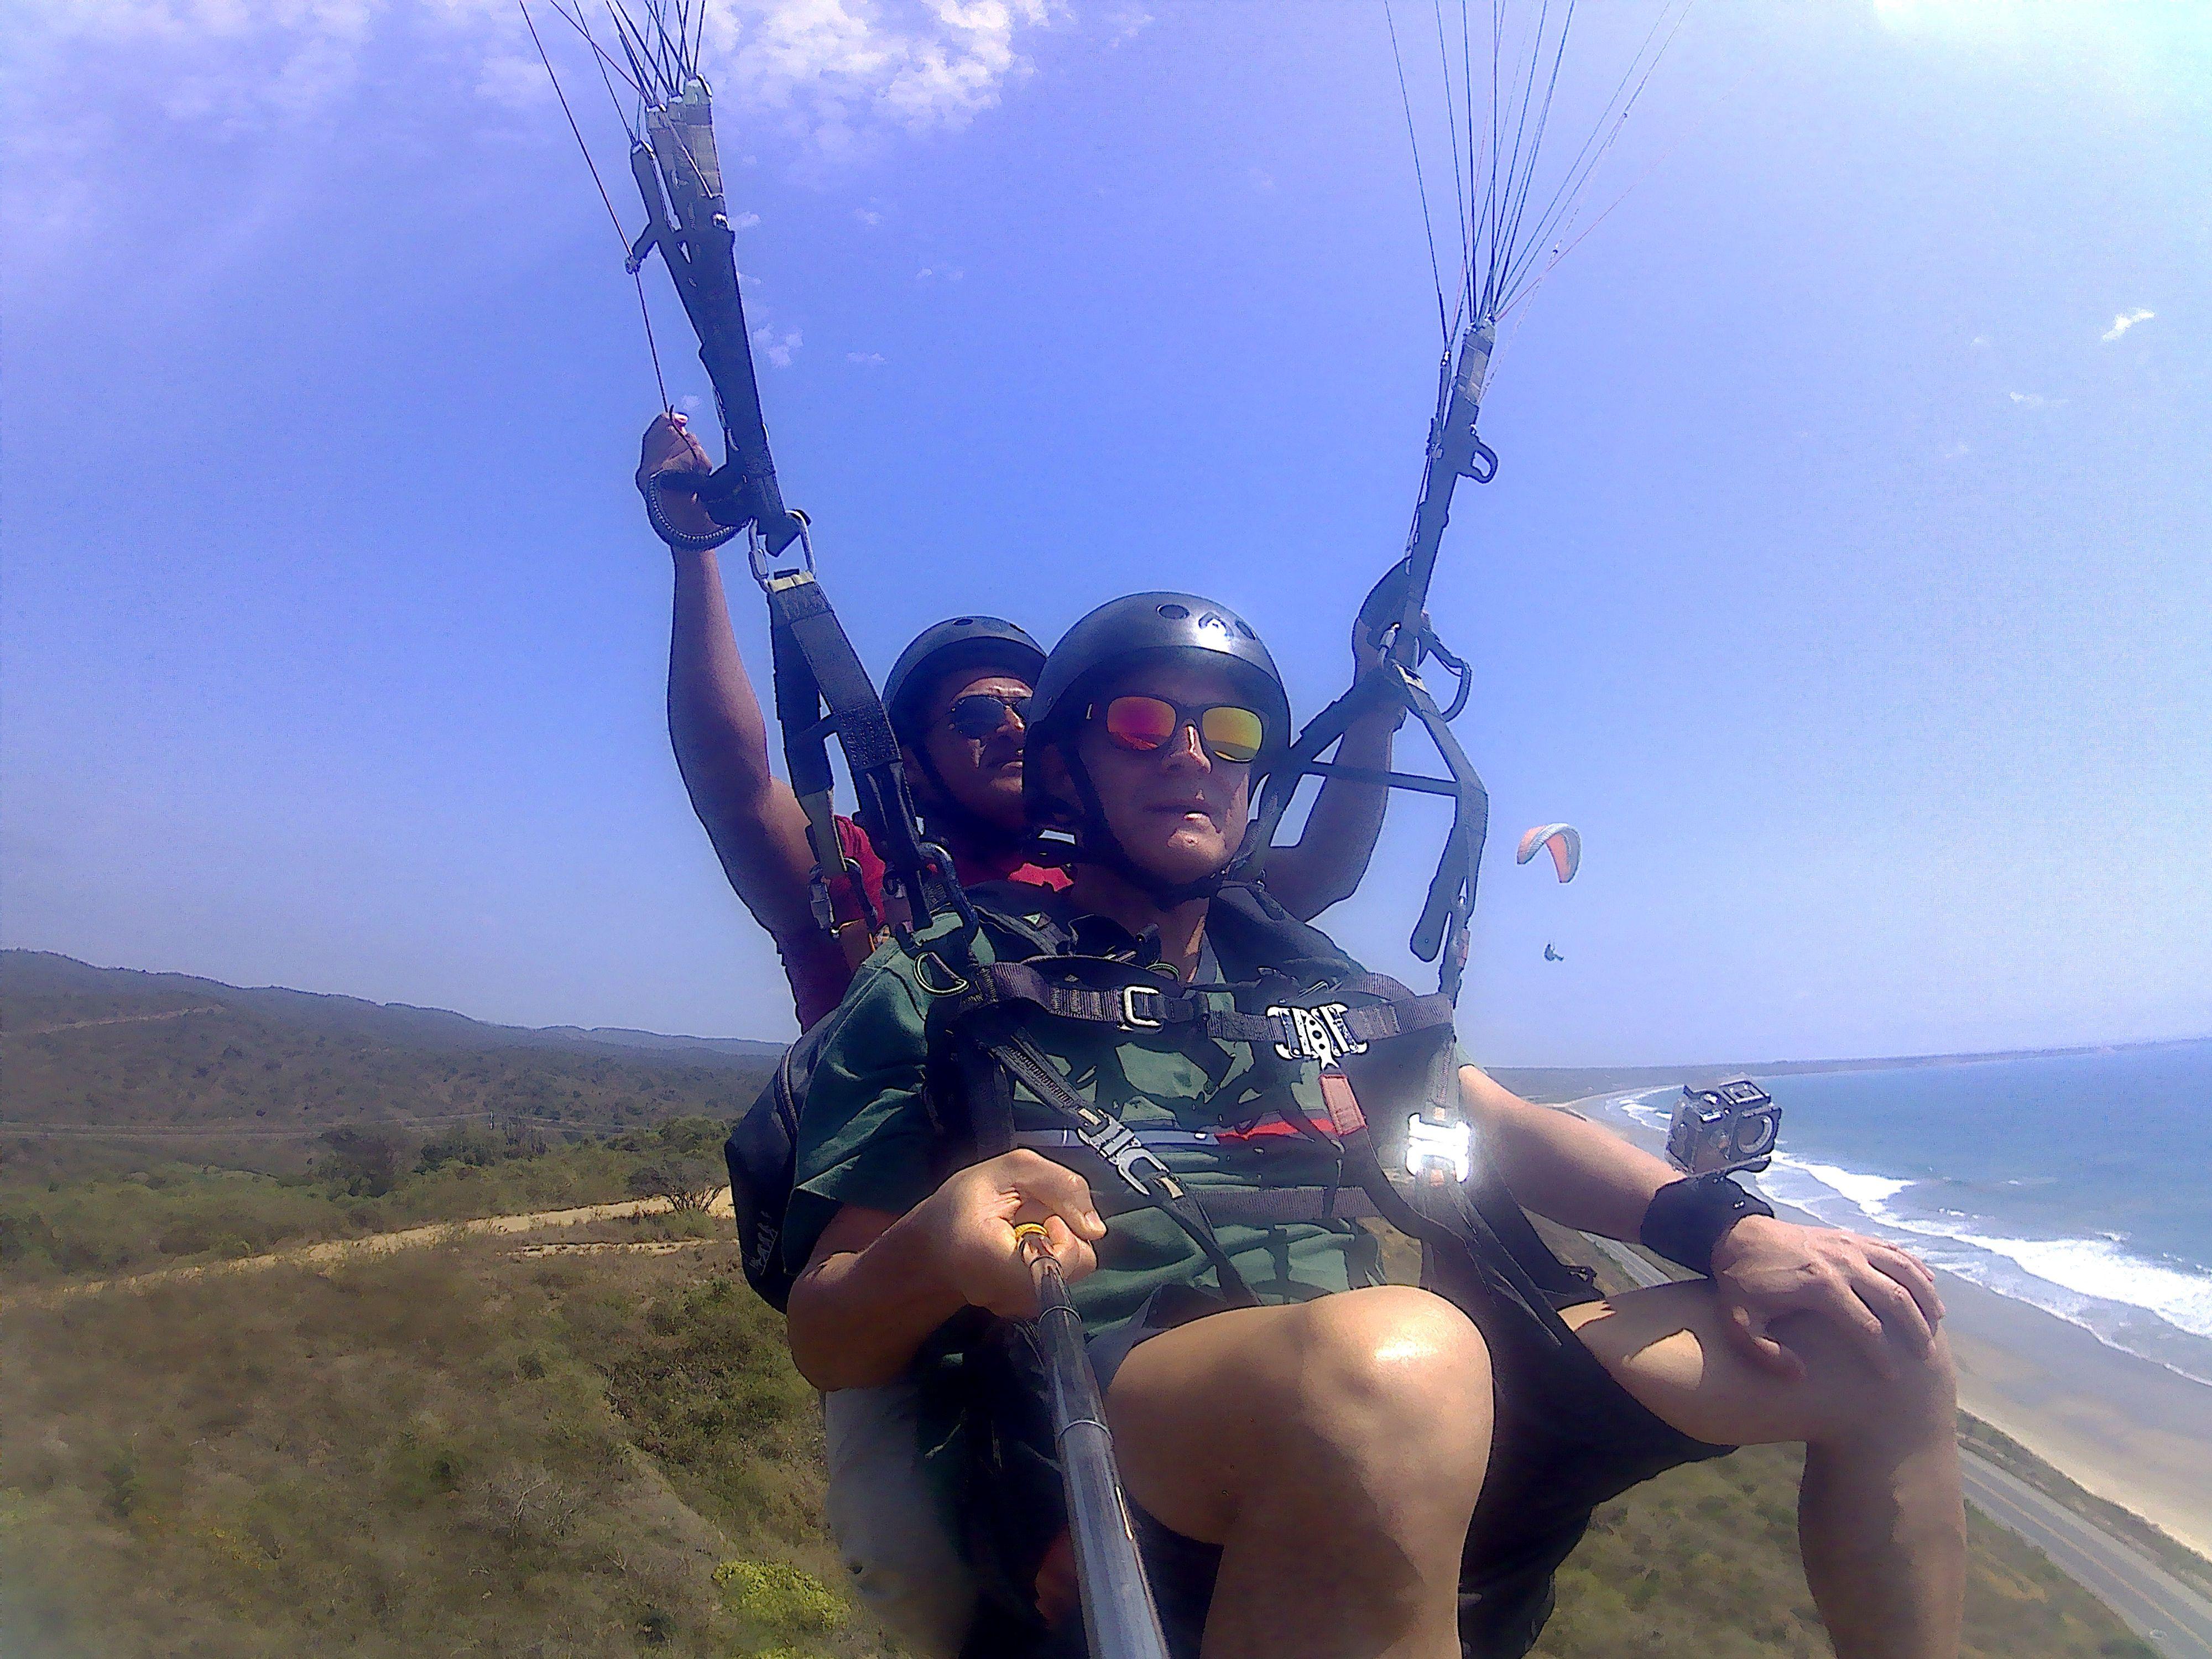 Este feriado disfruta de el deporte de aventura volando parapente frente a la playa con tus amigos. #ParapenteMontañita #ParapenteEcuador